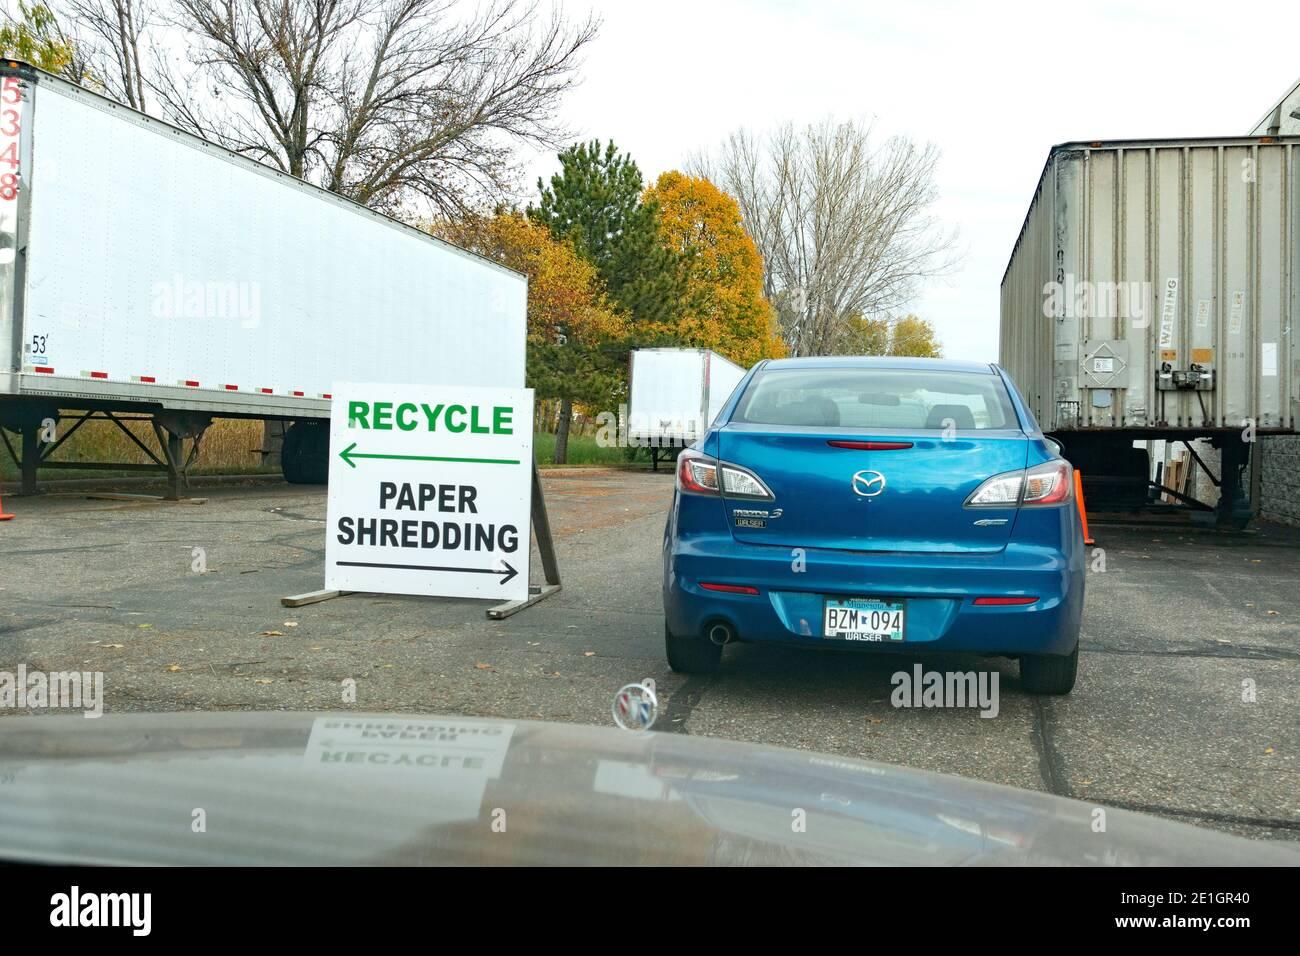 Señal direccional con flechas para coches para reciclar aparatos, electrónica o papel triturado en un día de reciclaje de la comunidad. Blaine Minnesota Minnesota MN EE.UU. Foto de stock